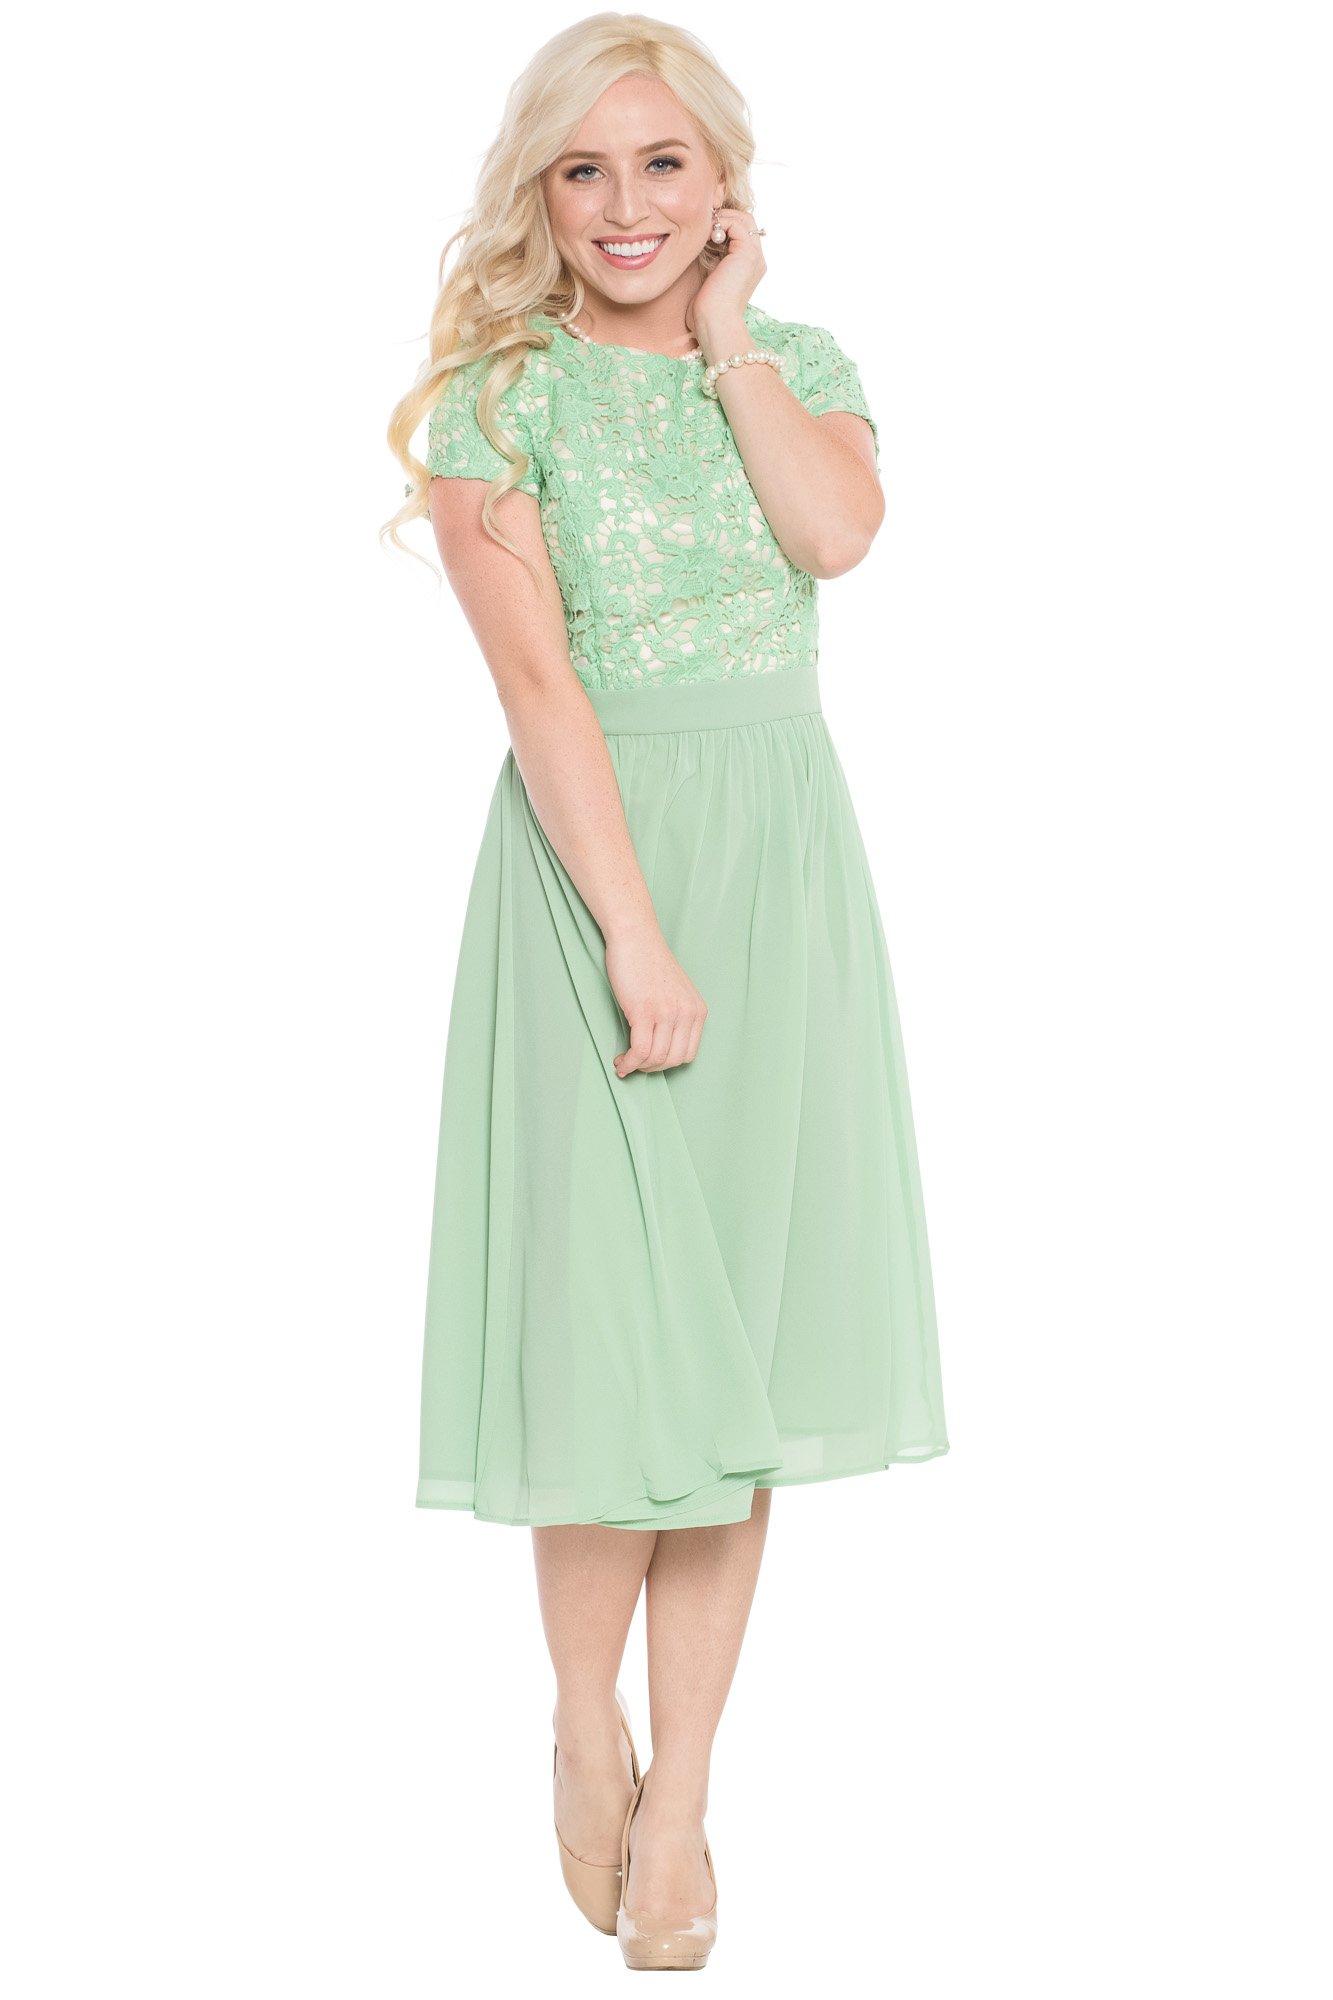 Jen Olivia Lace & Chiffon Modest Dress In